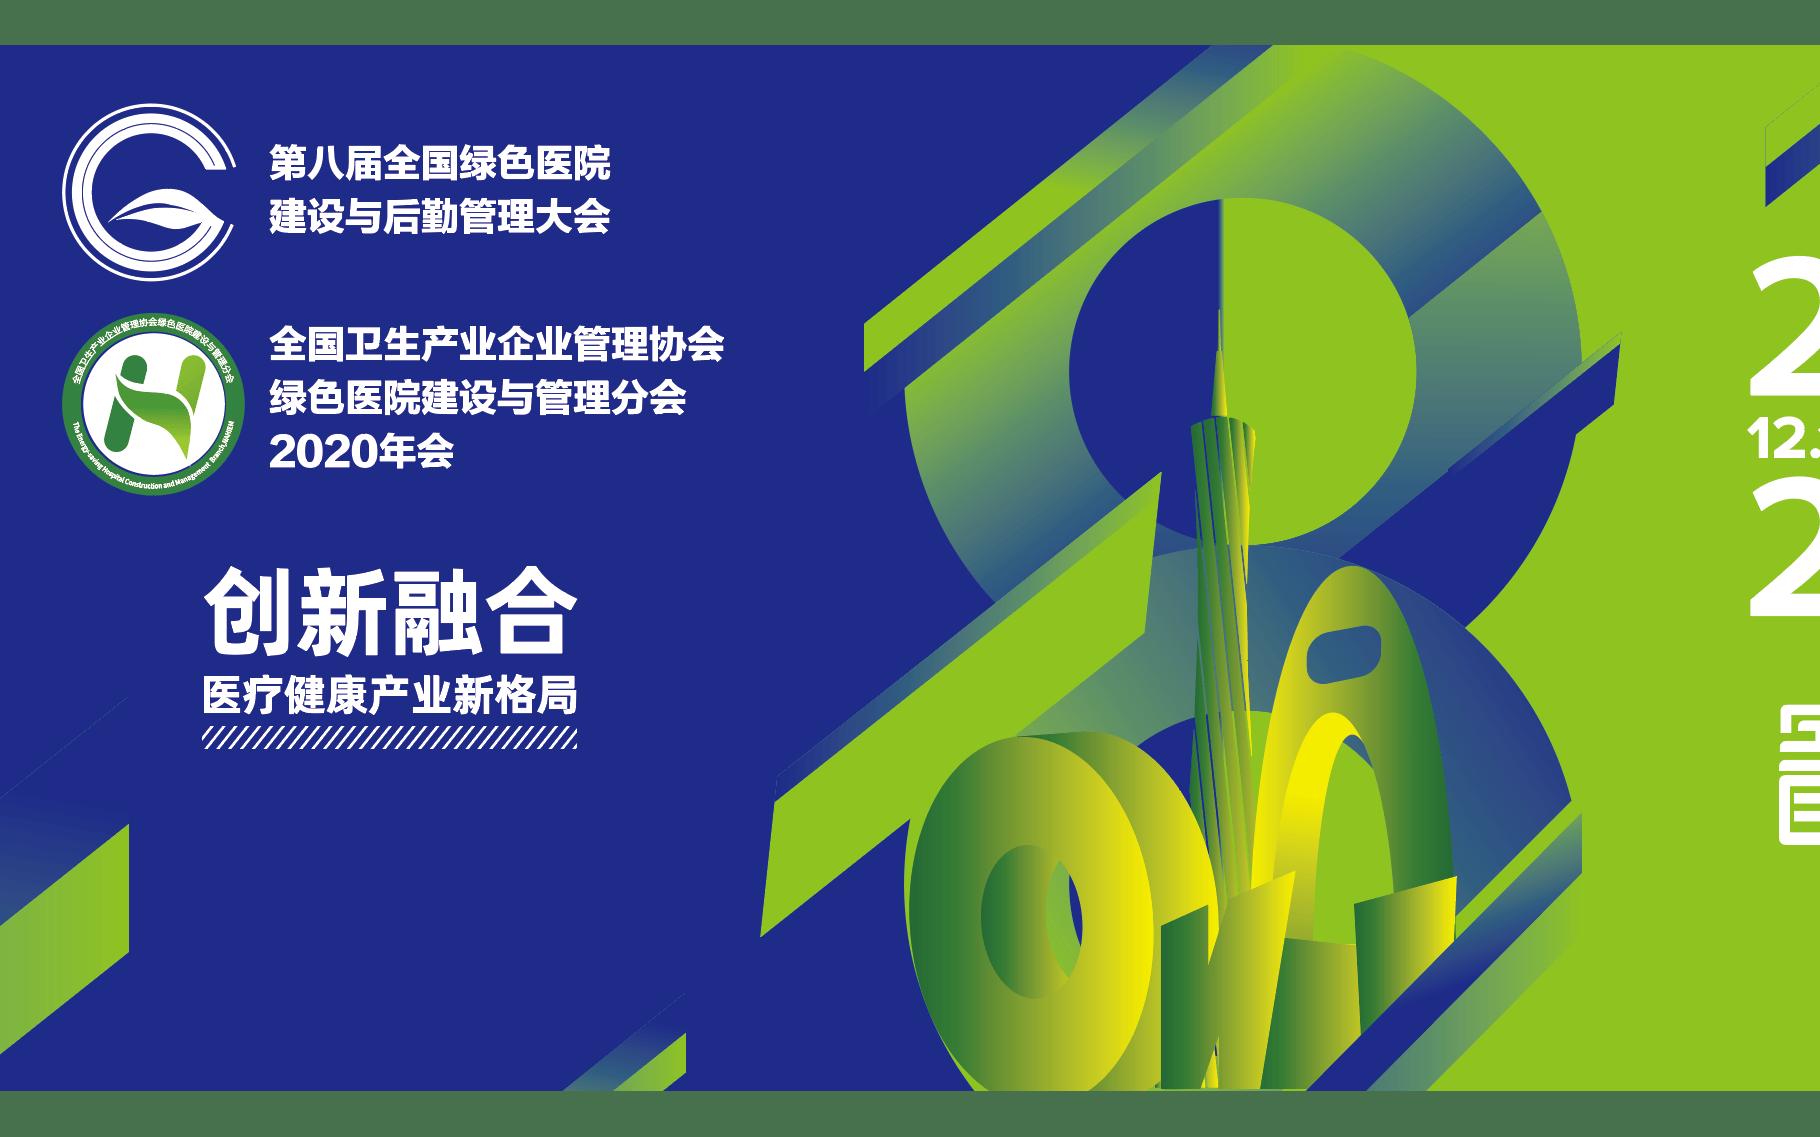 第八届全国绿色医院建设与后勤管理大会暨绿色医院建设与管理分会年会